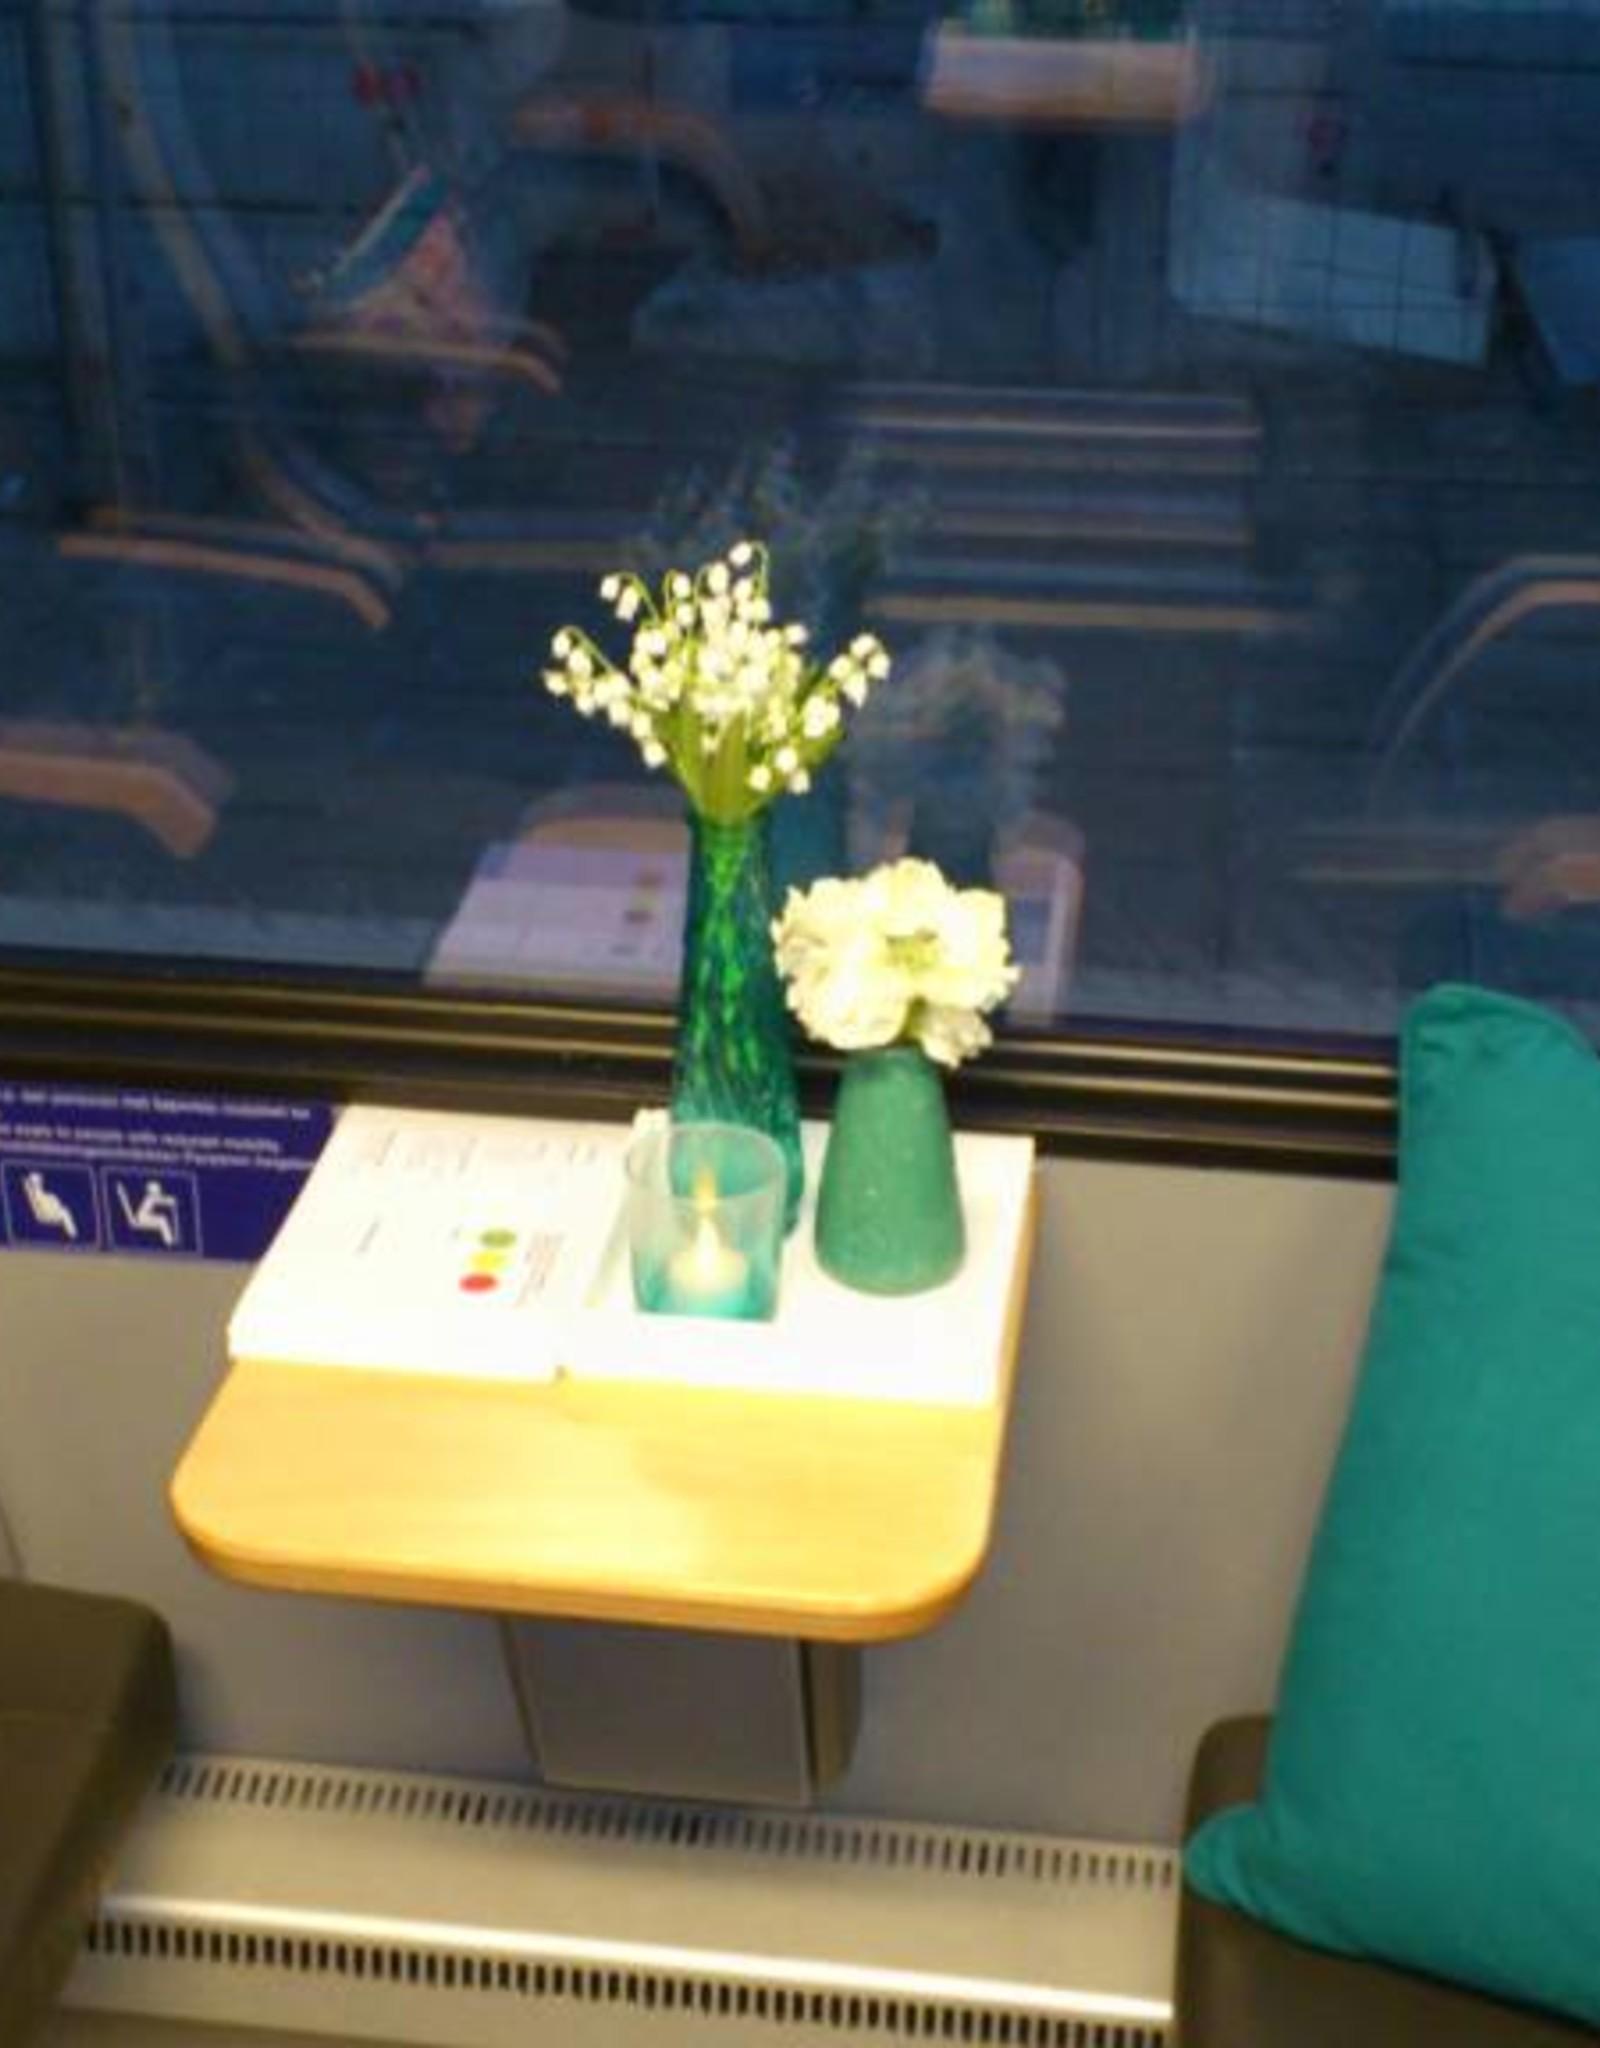 Klantenpanel in de trein